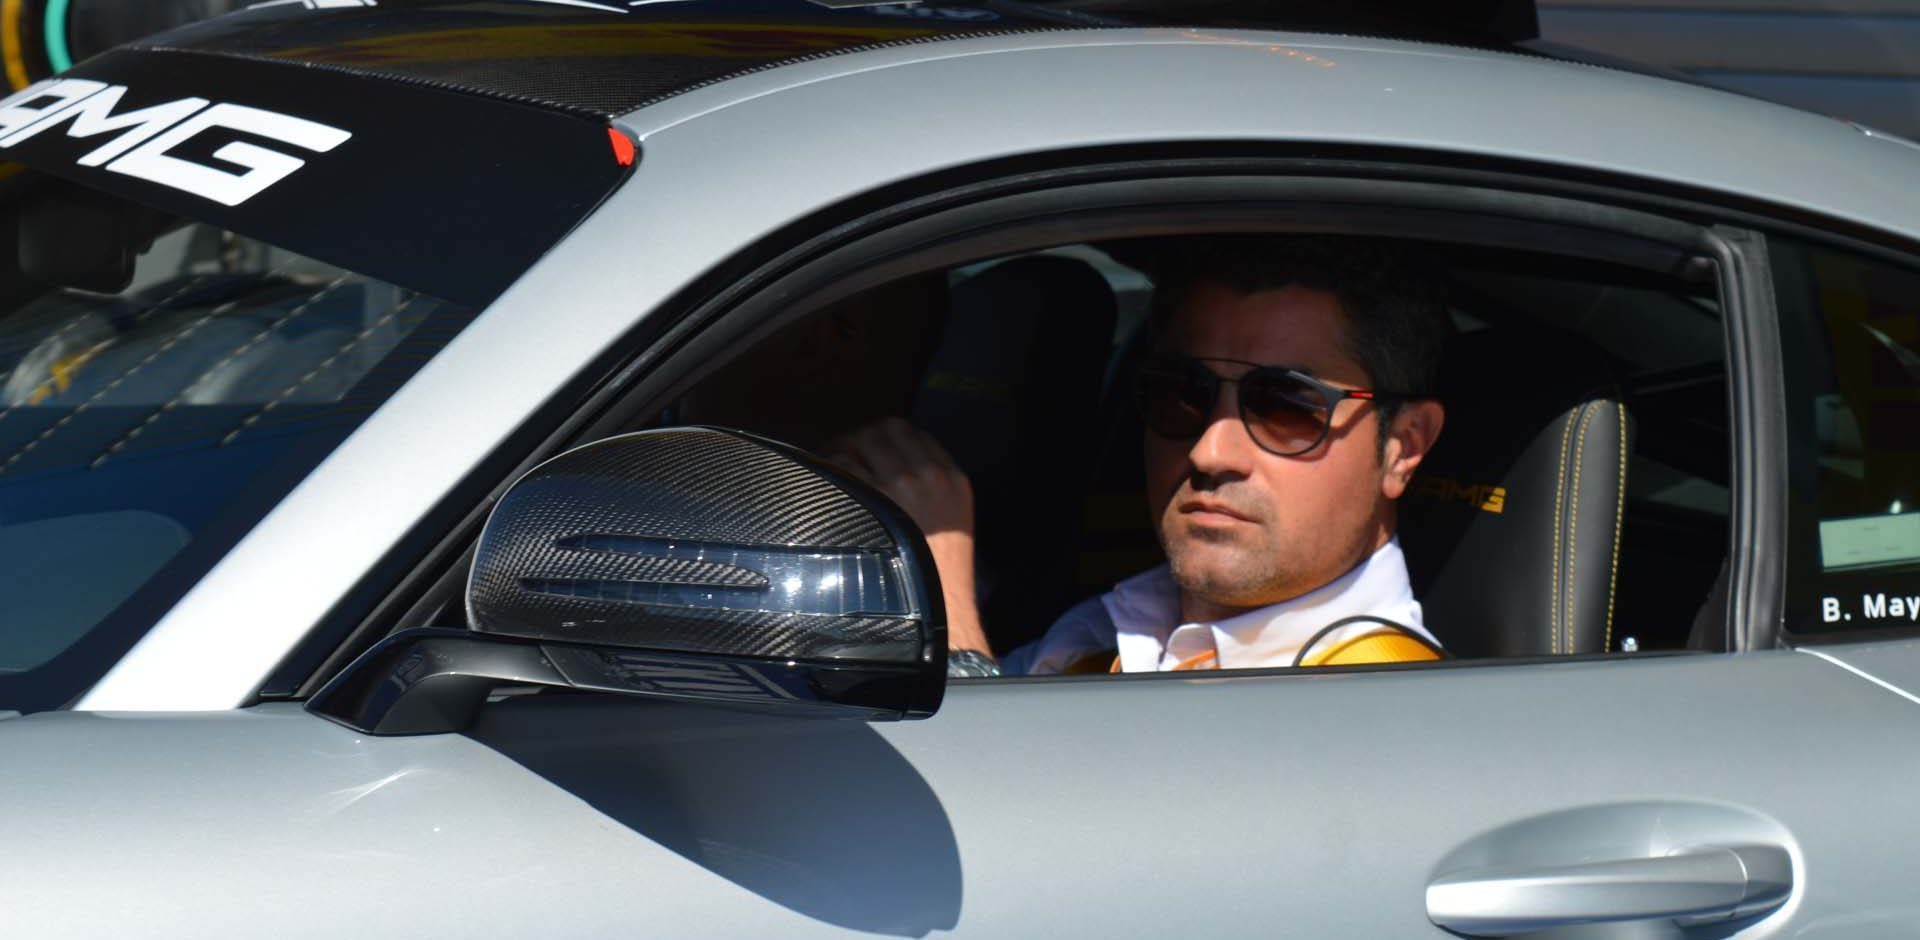 Michael Masi, Race director in Formula 1